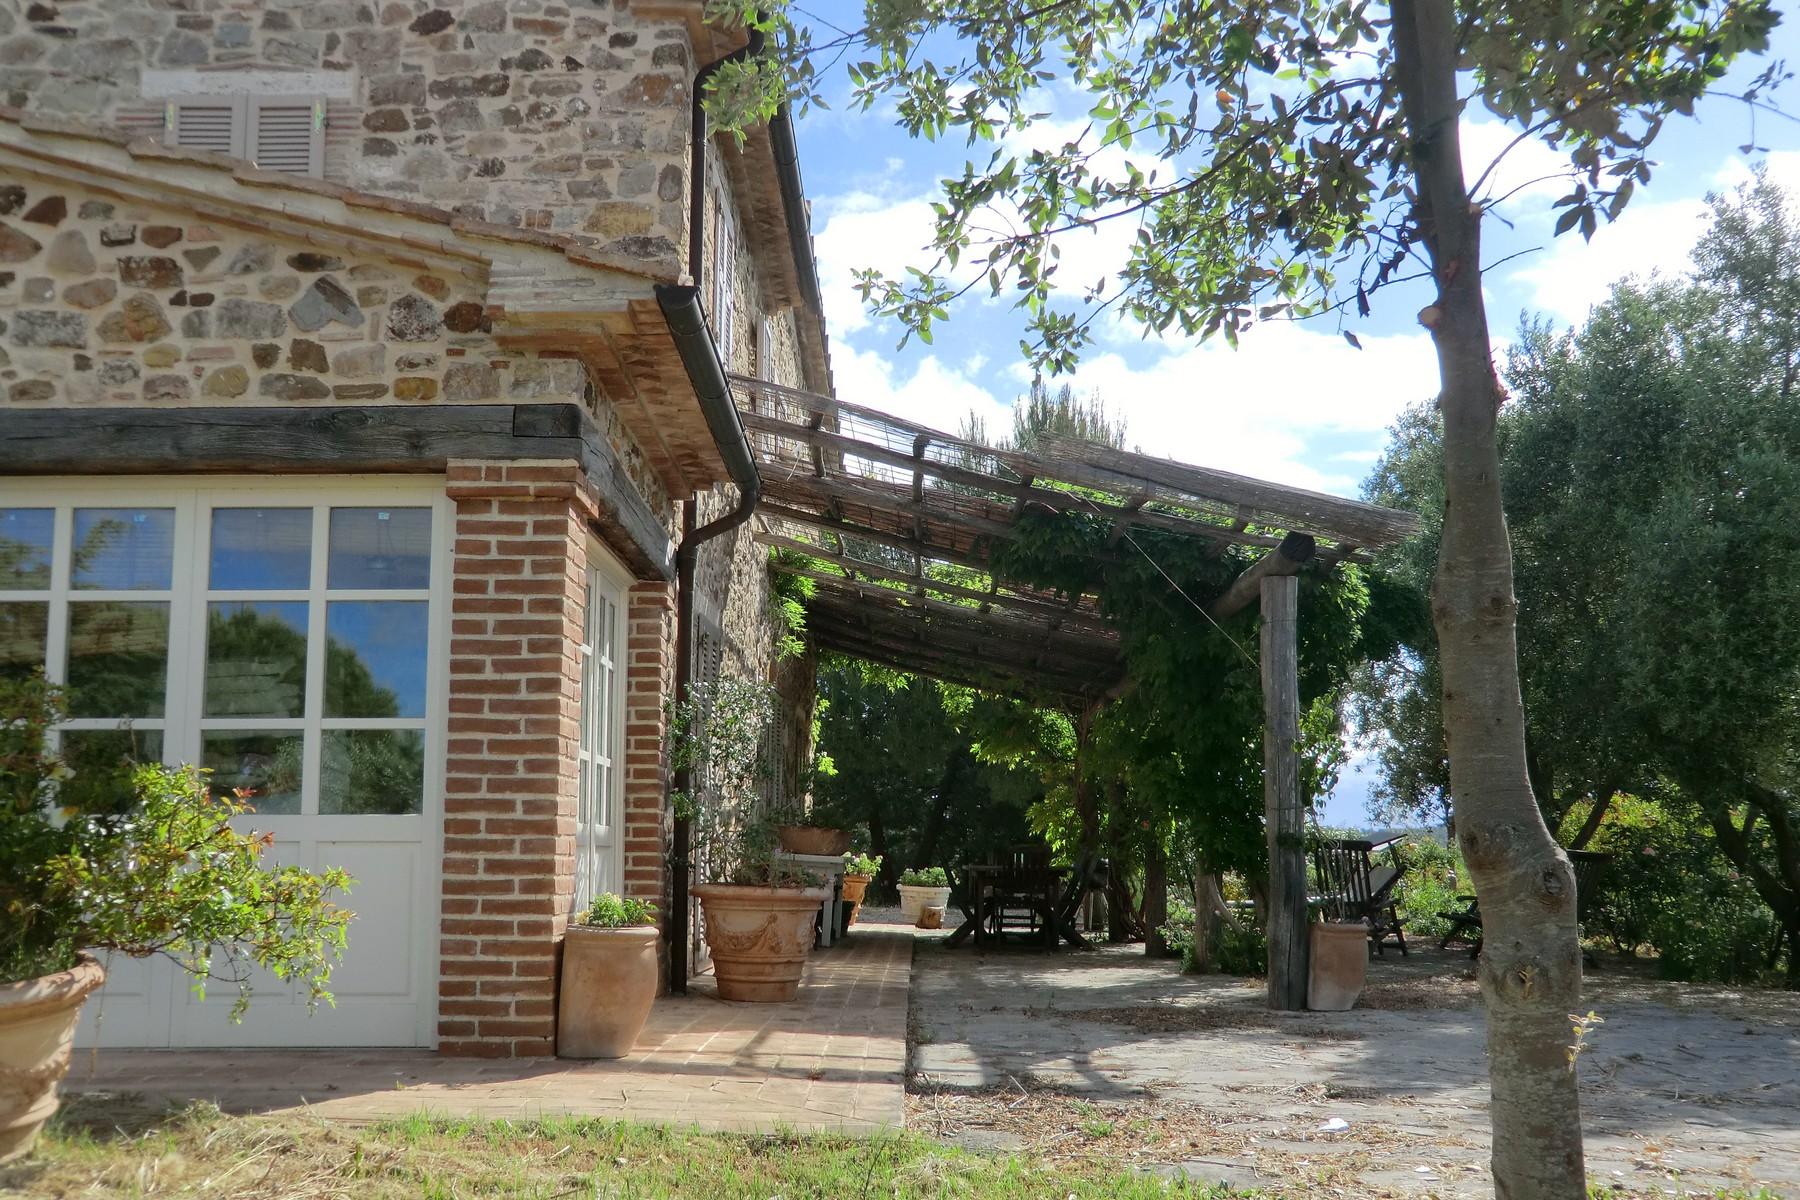 Rustico in Vendita a Manciano: 5 locali, 180 mq - Foto 5